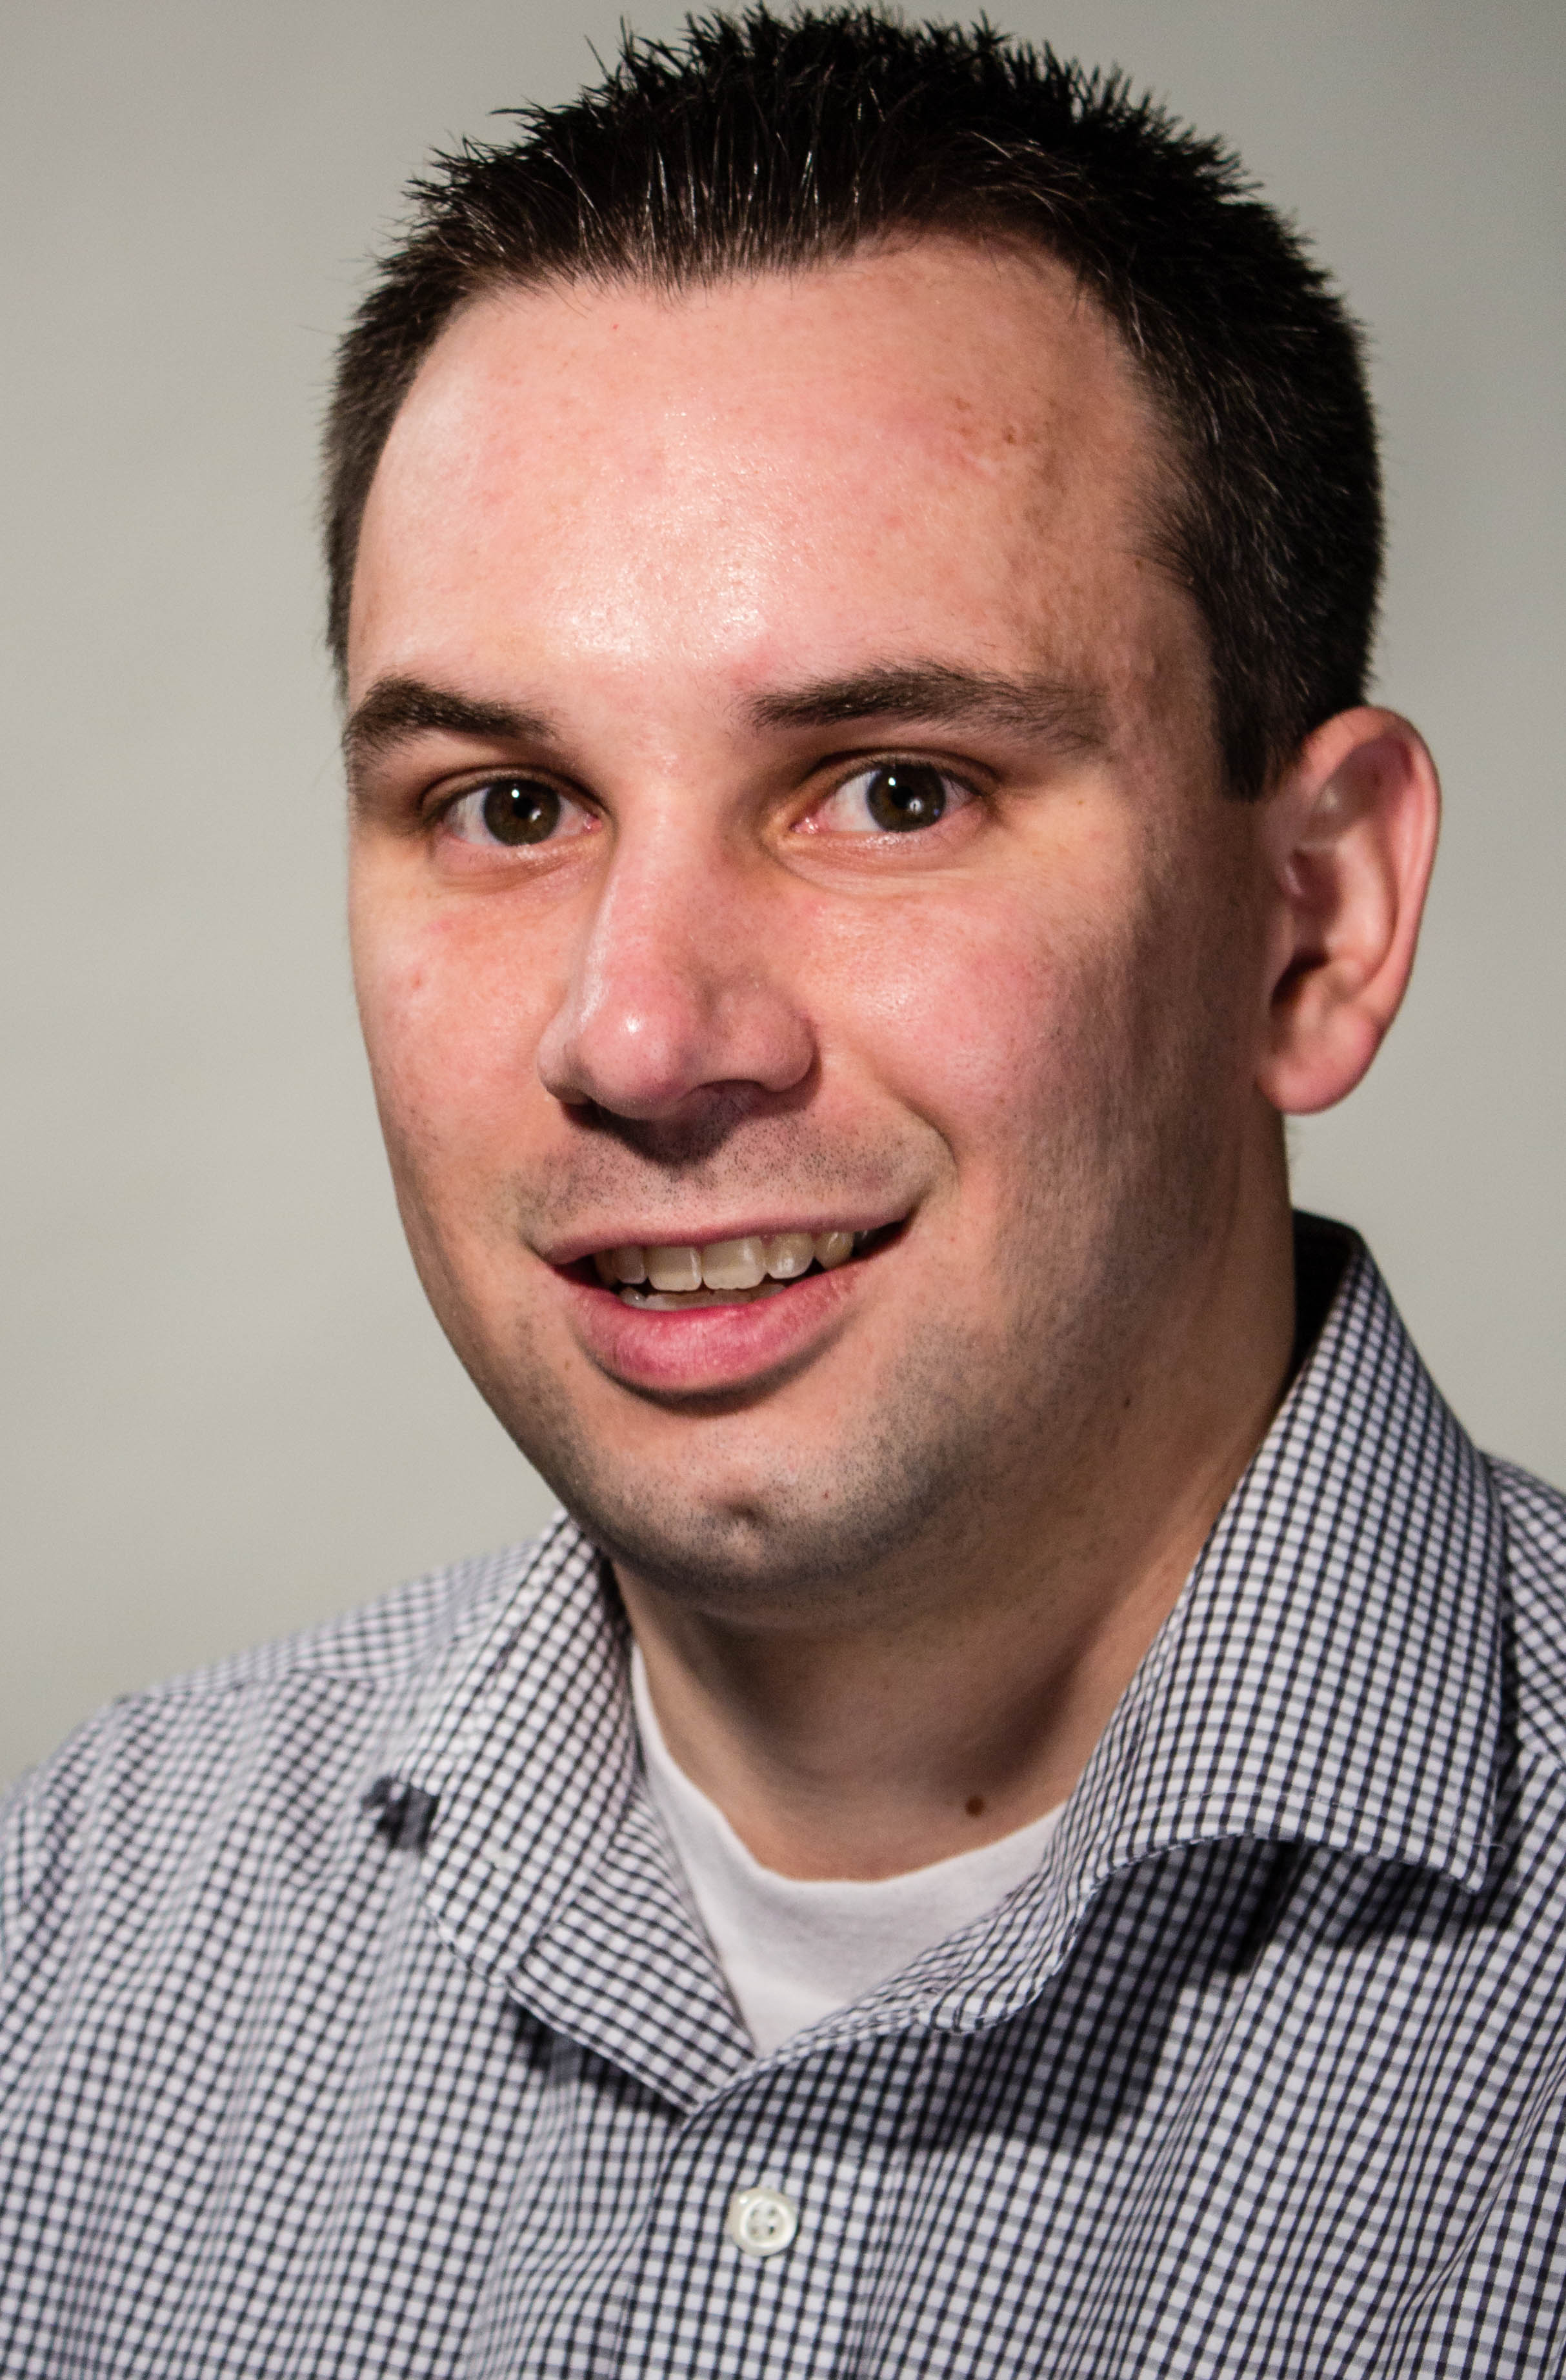 Shawn Carlson